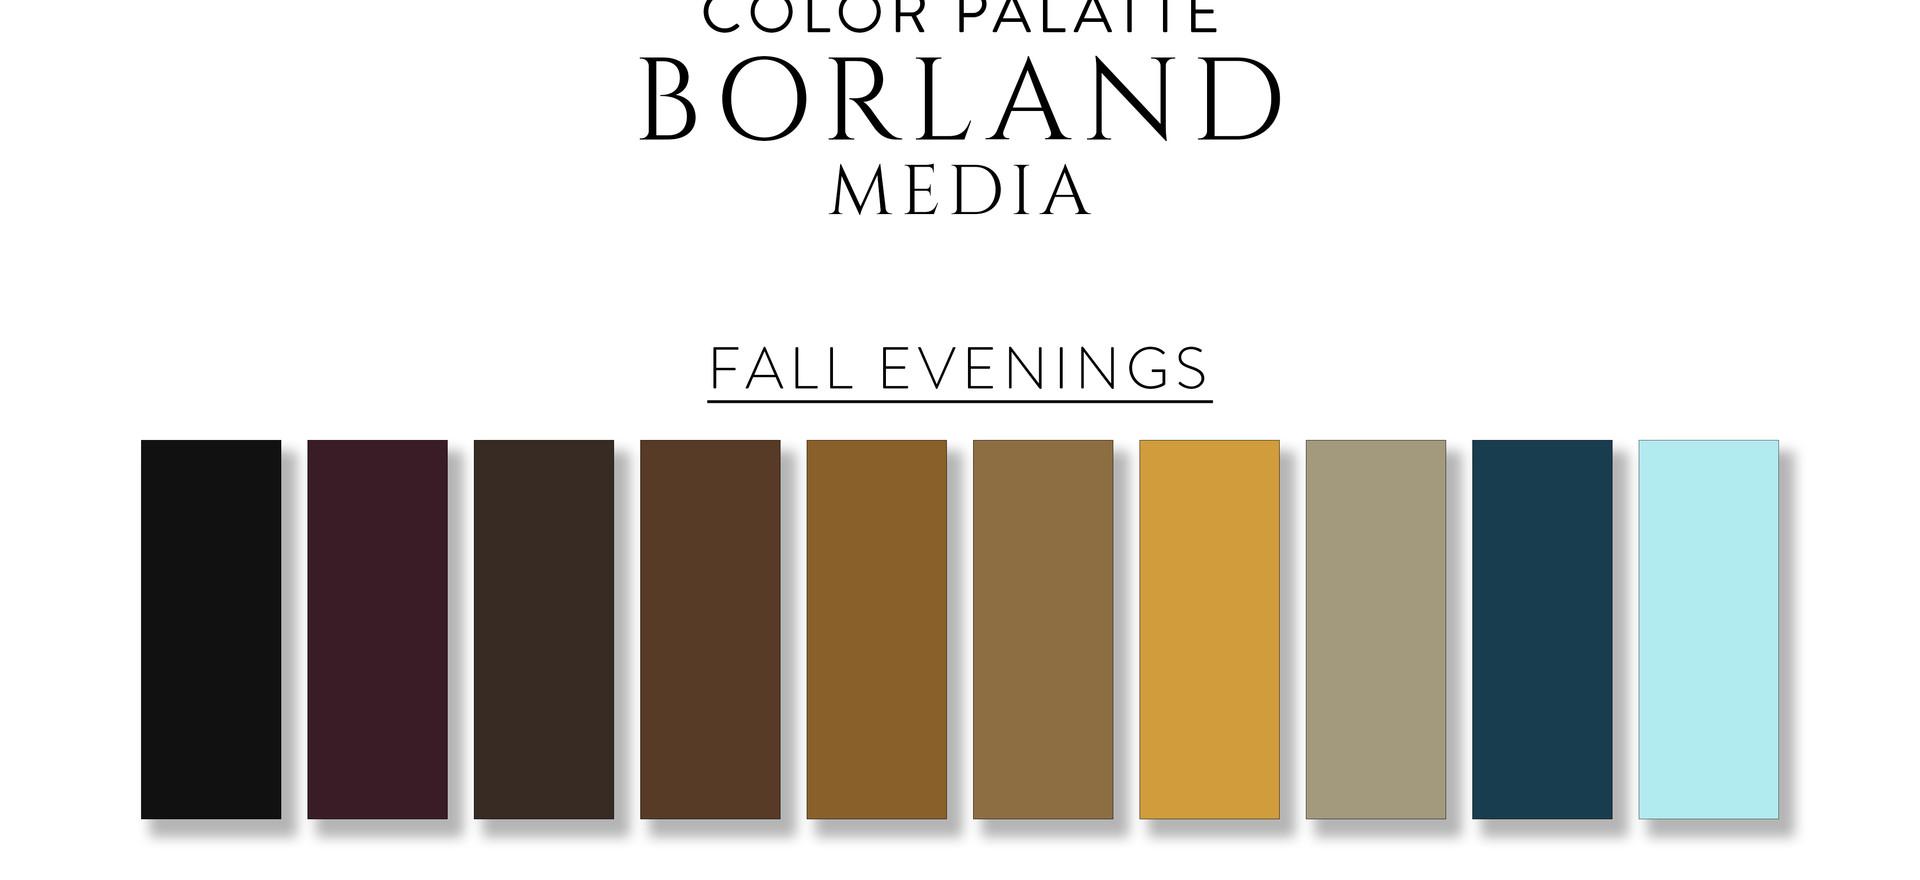 Fall Evenings